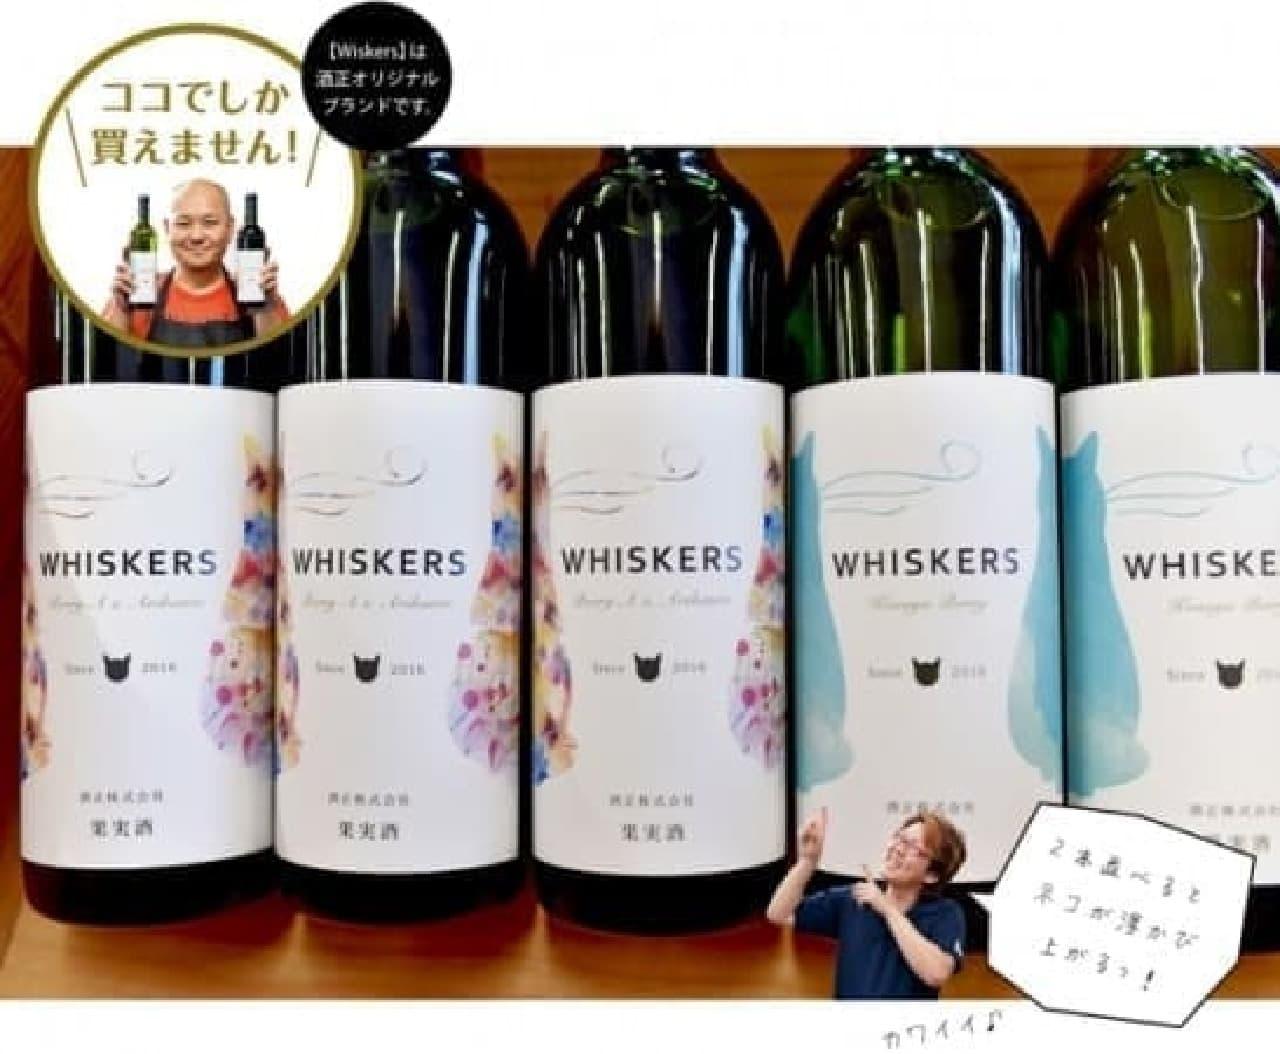 ネコラベルのワイン「Whiskers:ウィスカーズ」